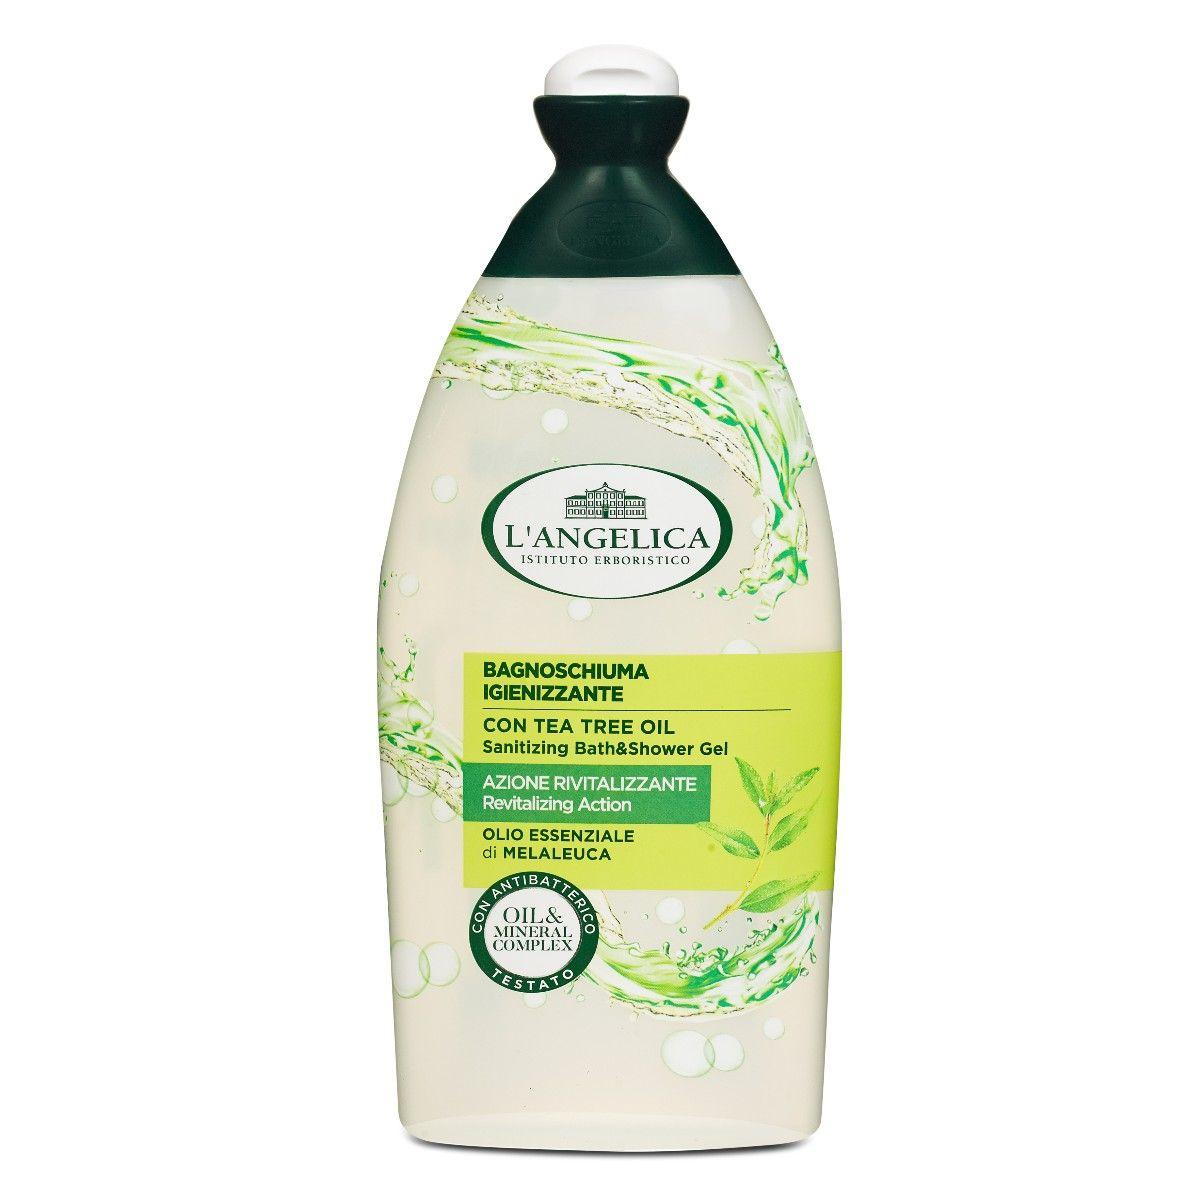 Bagno Schiuma Azione Igienizzante Con Olio essenziale di Melaleuca